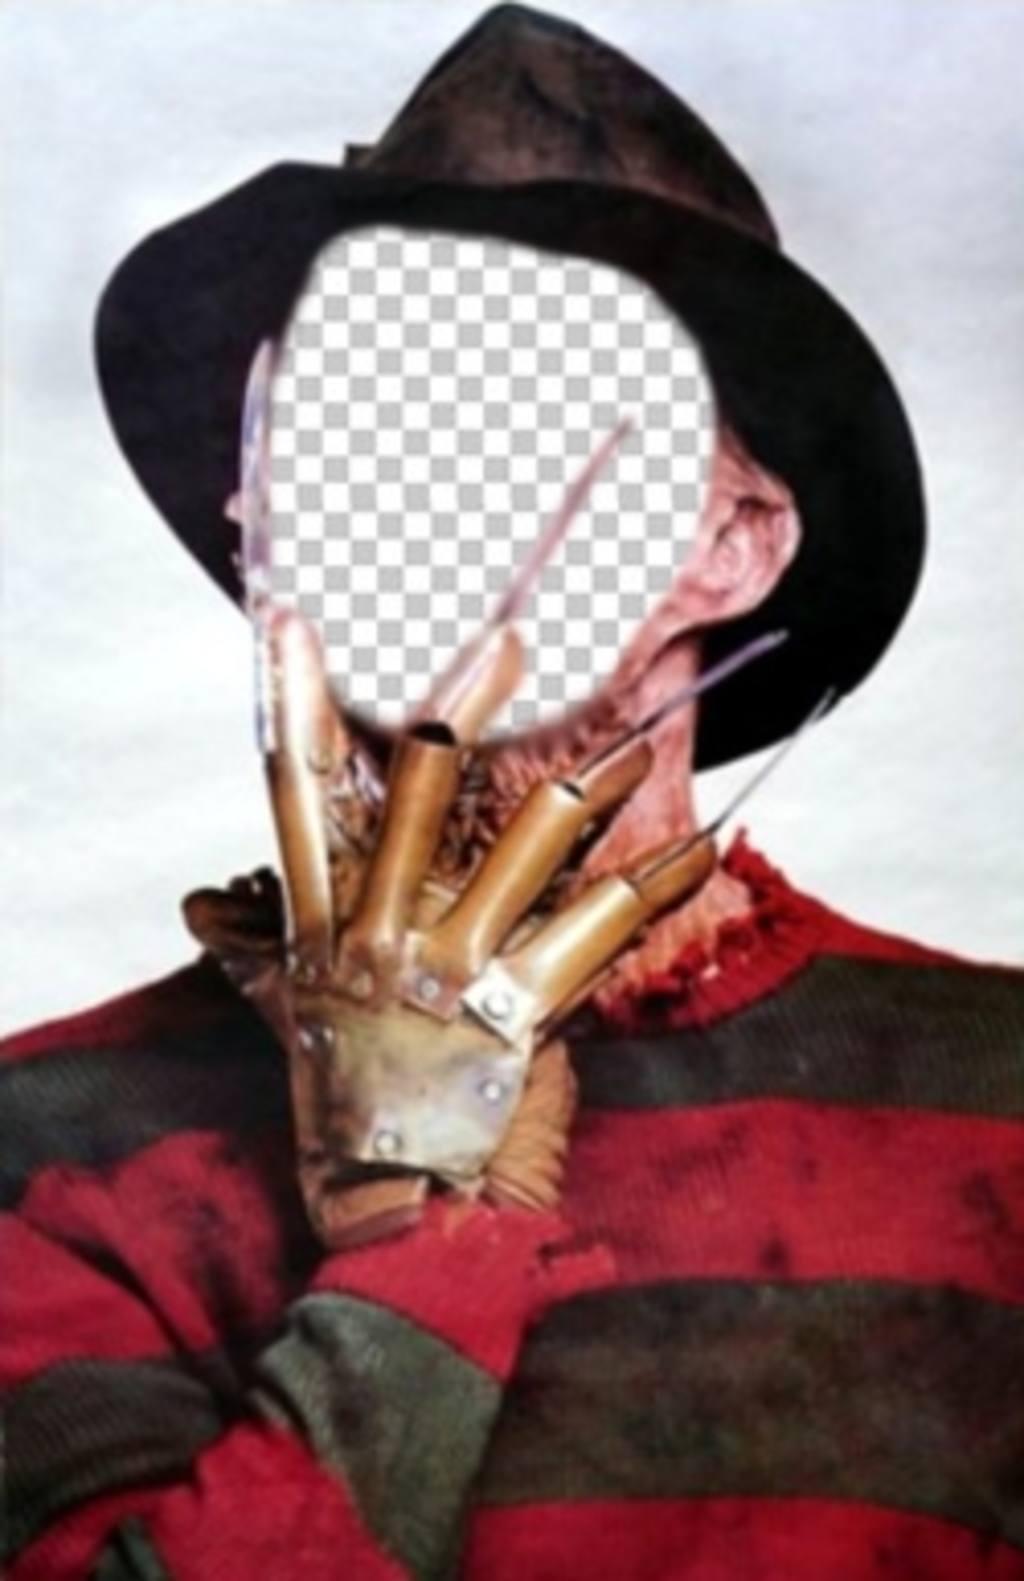 Montage photo de Freddy Krueger avec ses griffes dans le visage